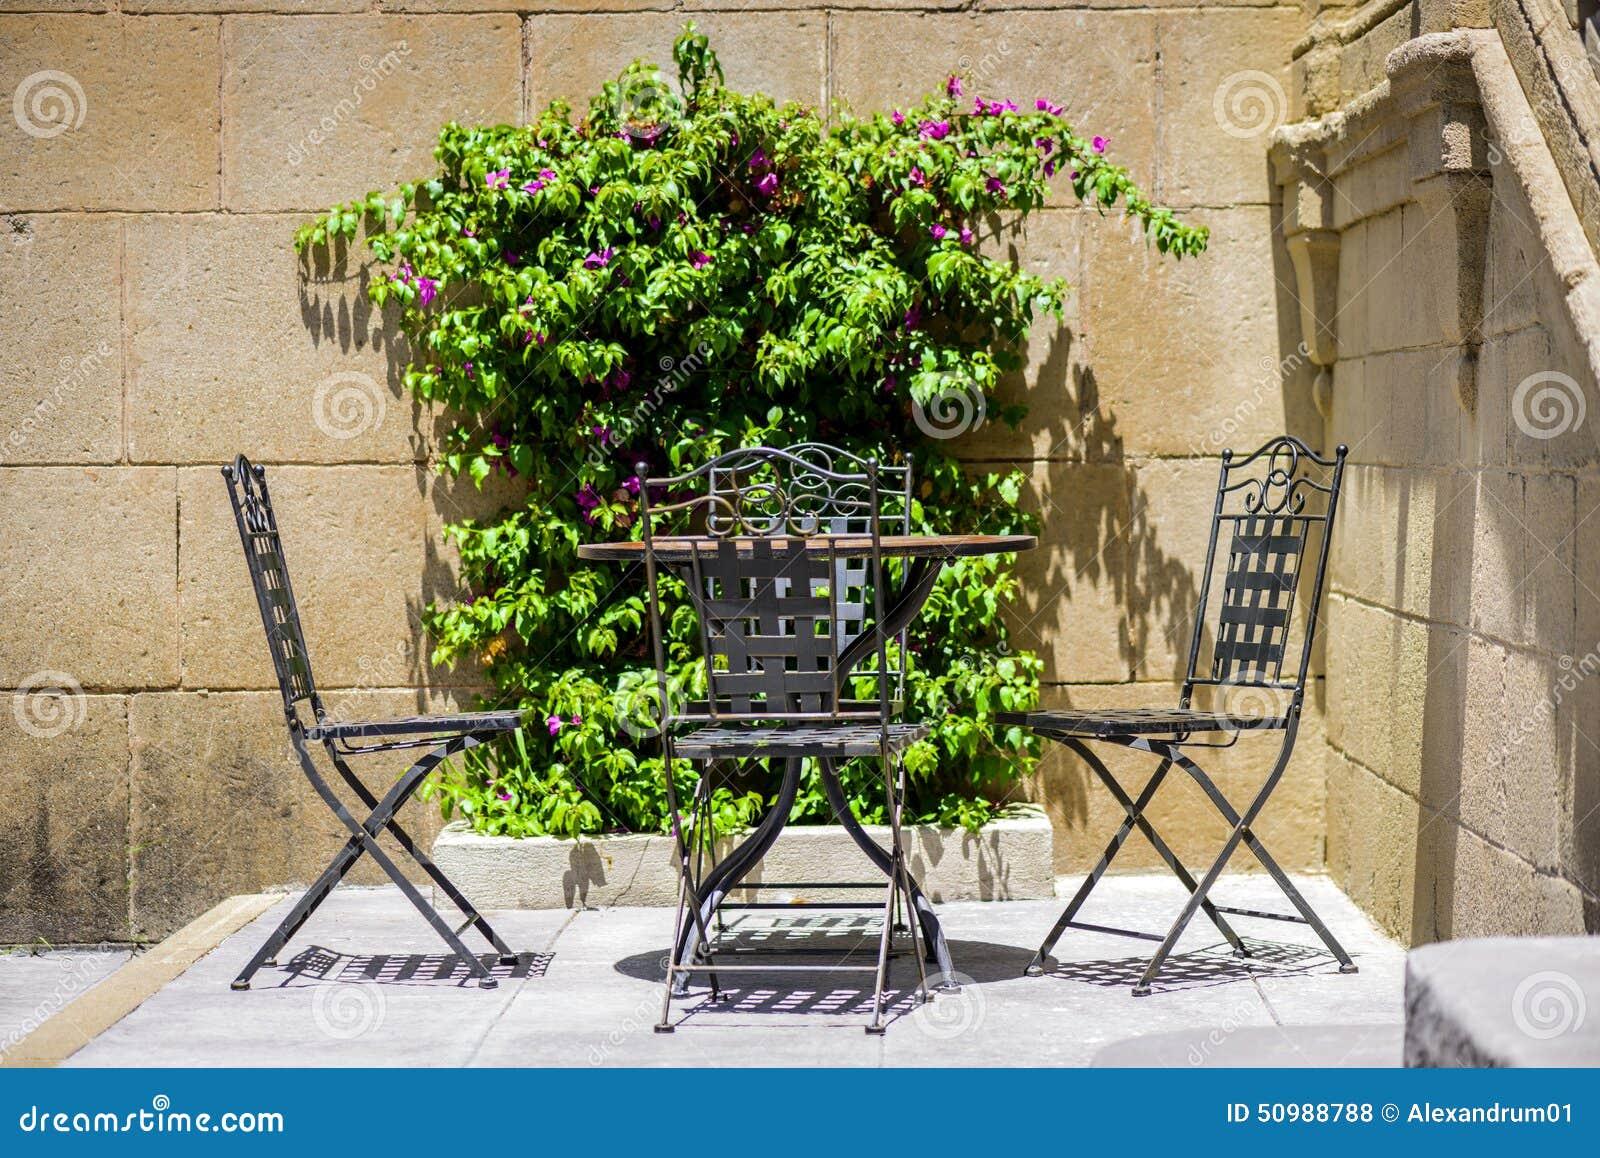 Muebles del hierro labrado asiento al aire libre foto de for Muebles para terraza al aire libre